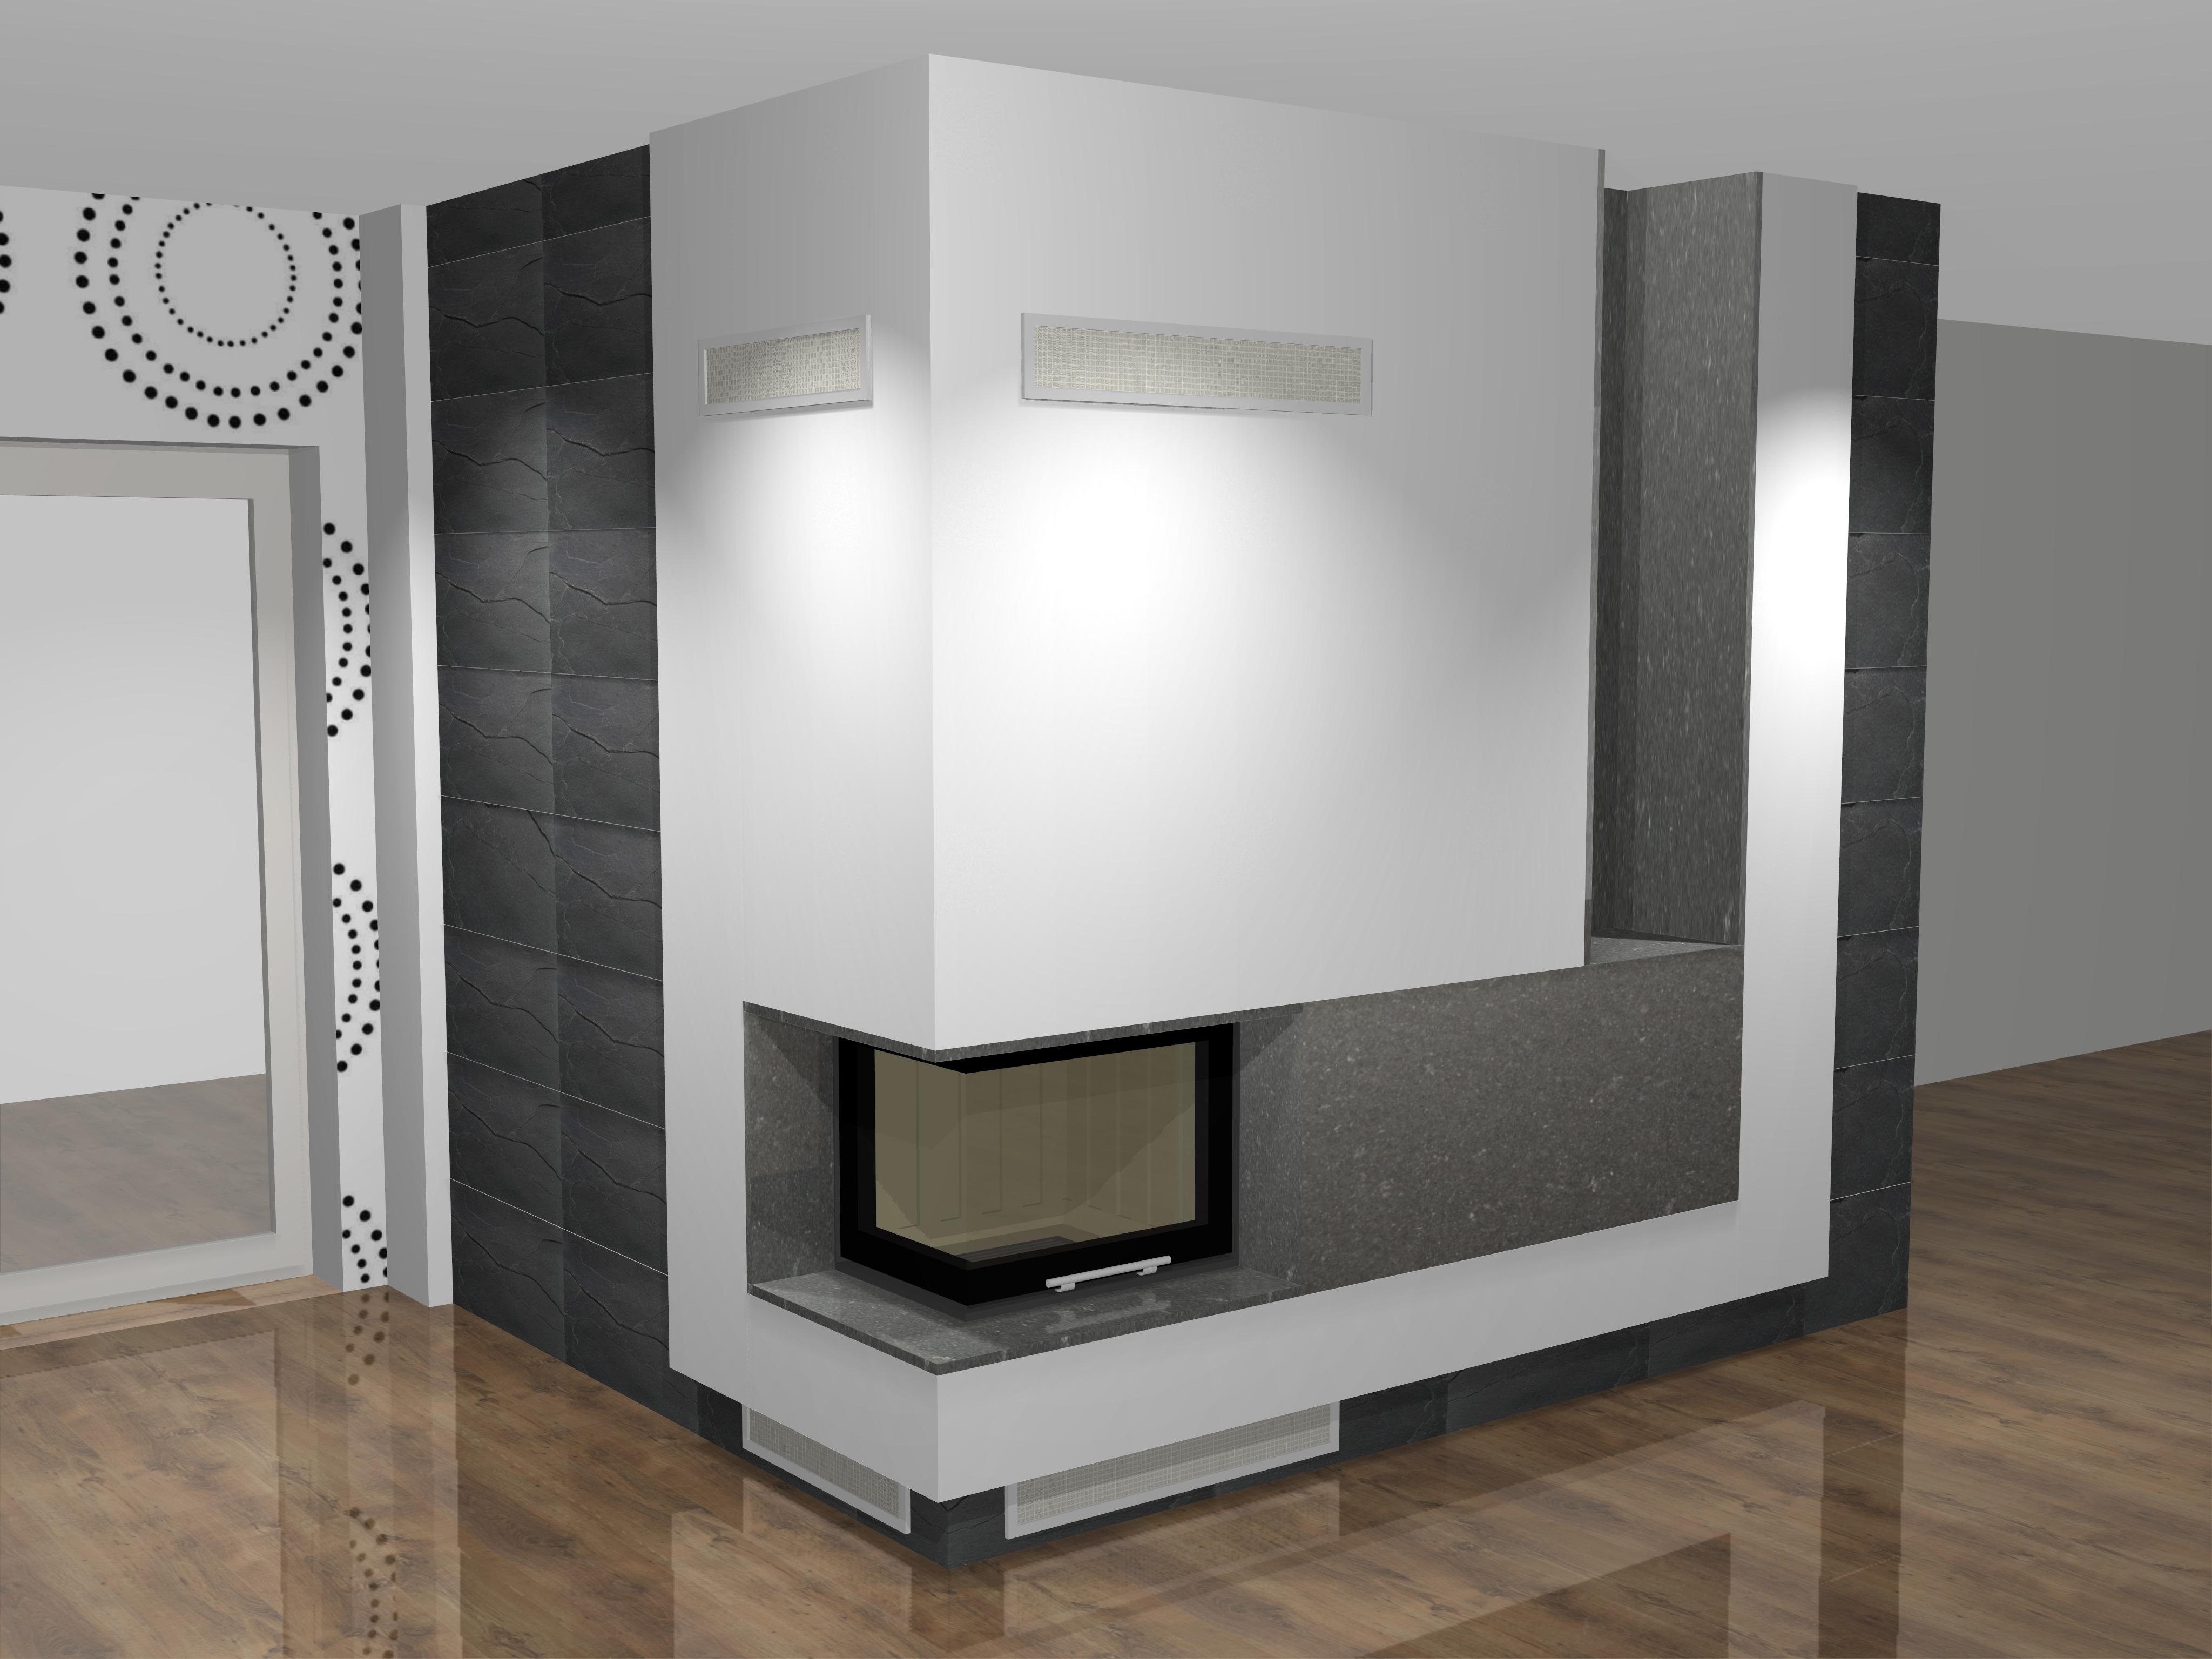 eckiger kamin a 42 2 mit spartherm mit montage www. Black Bedroom Furniture Sets. Home Design Ideas